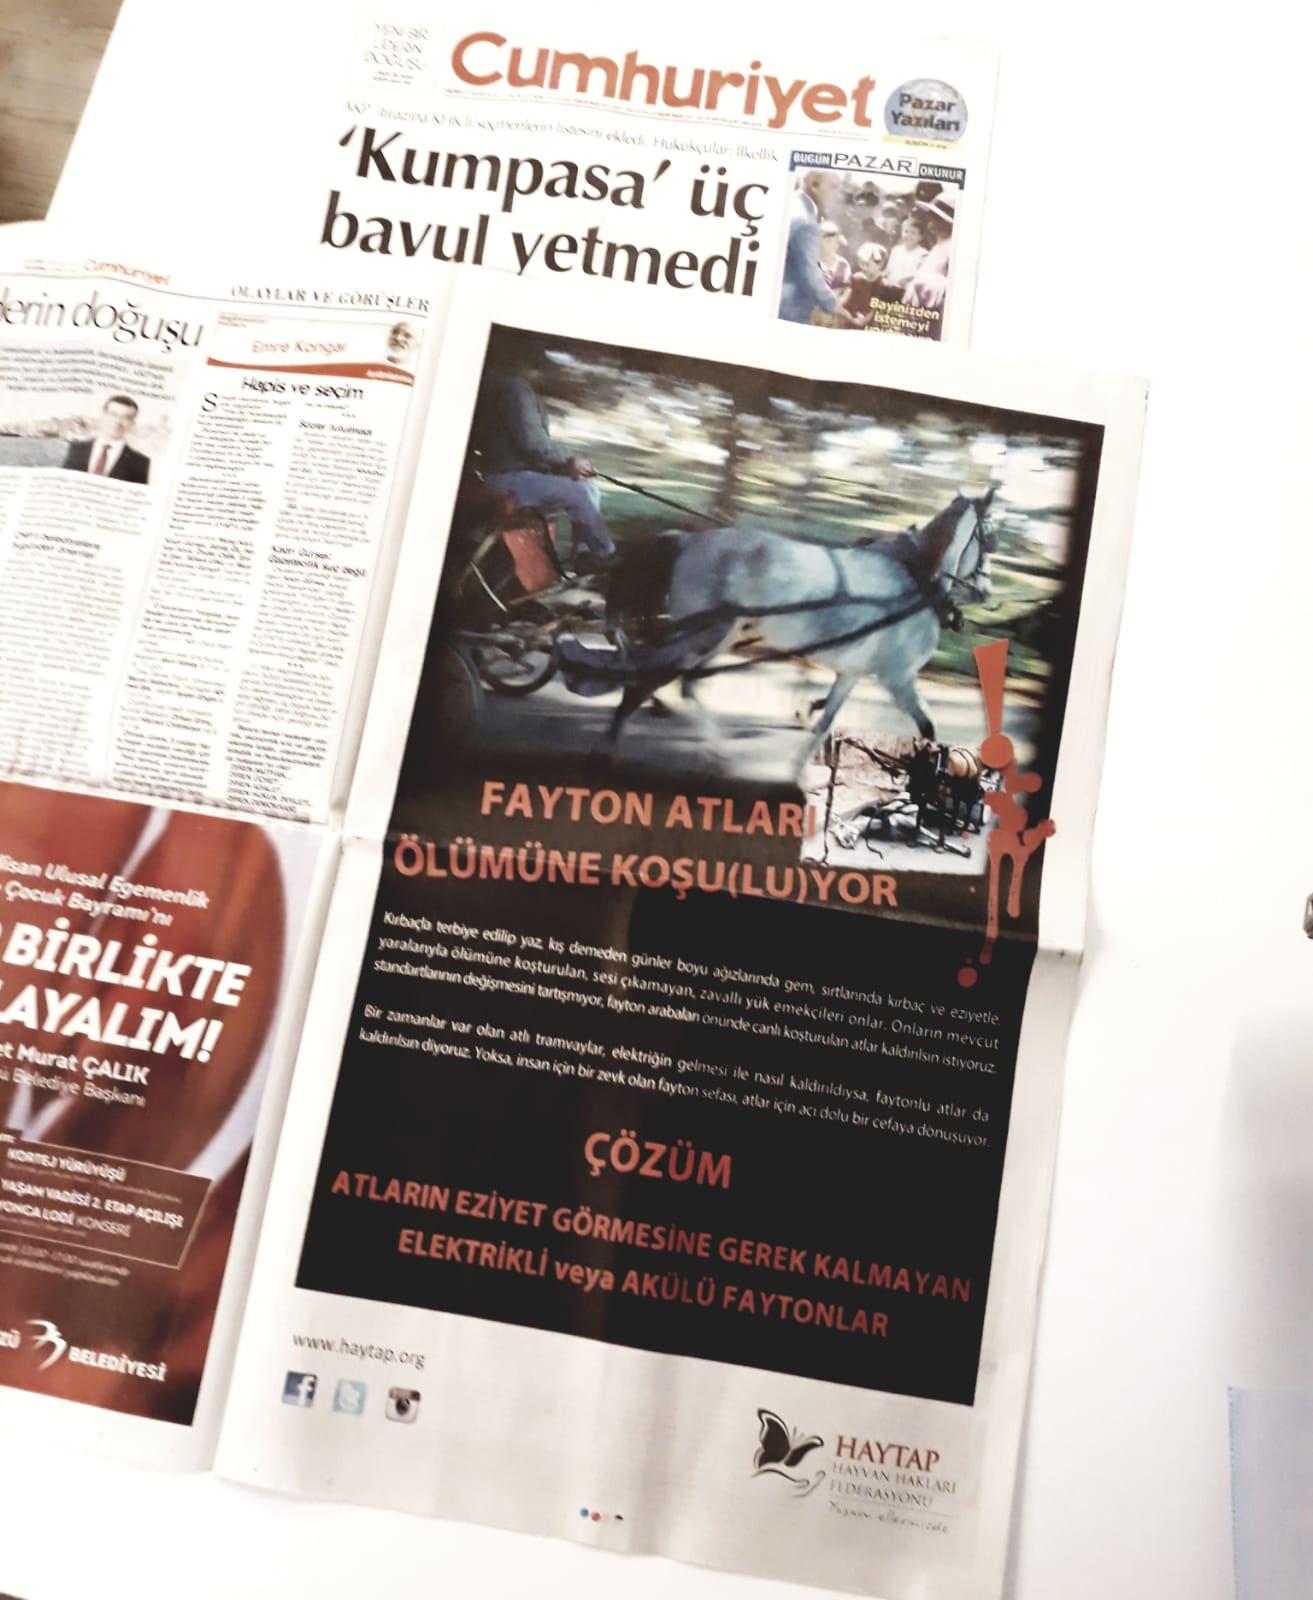 21 Nisan 2019 - Cumhuriyet Gazetesi Tam Sayfa İlanımız